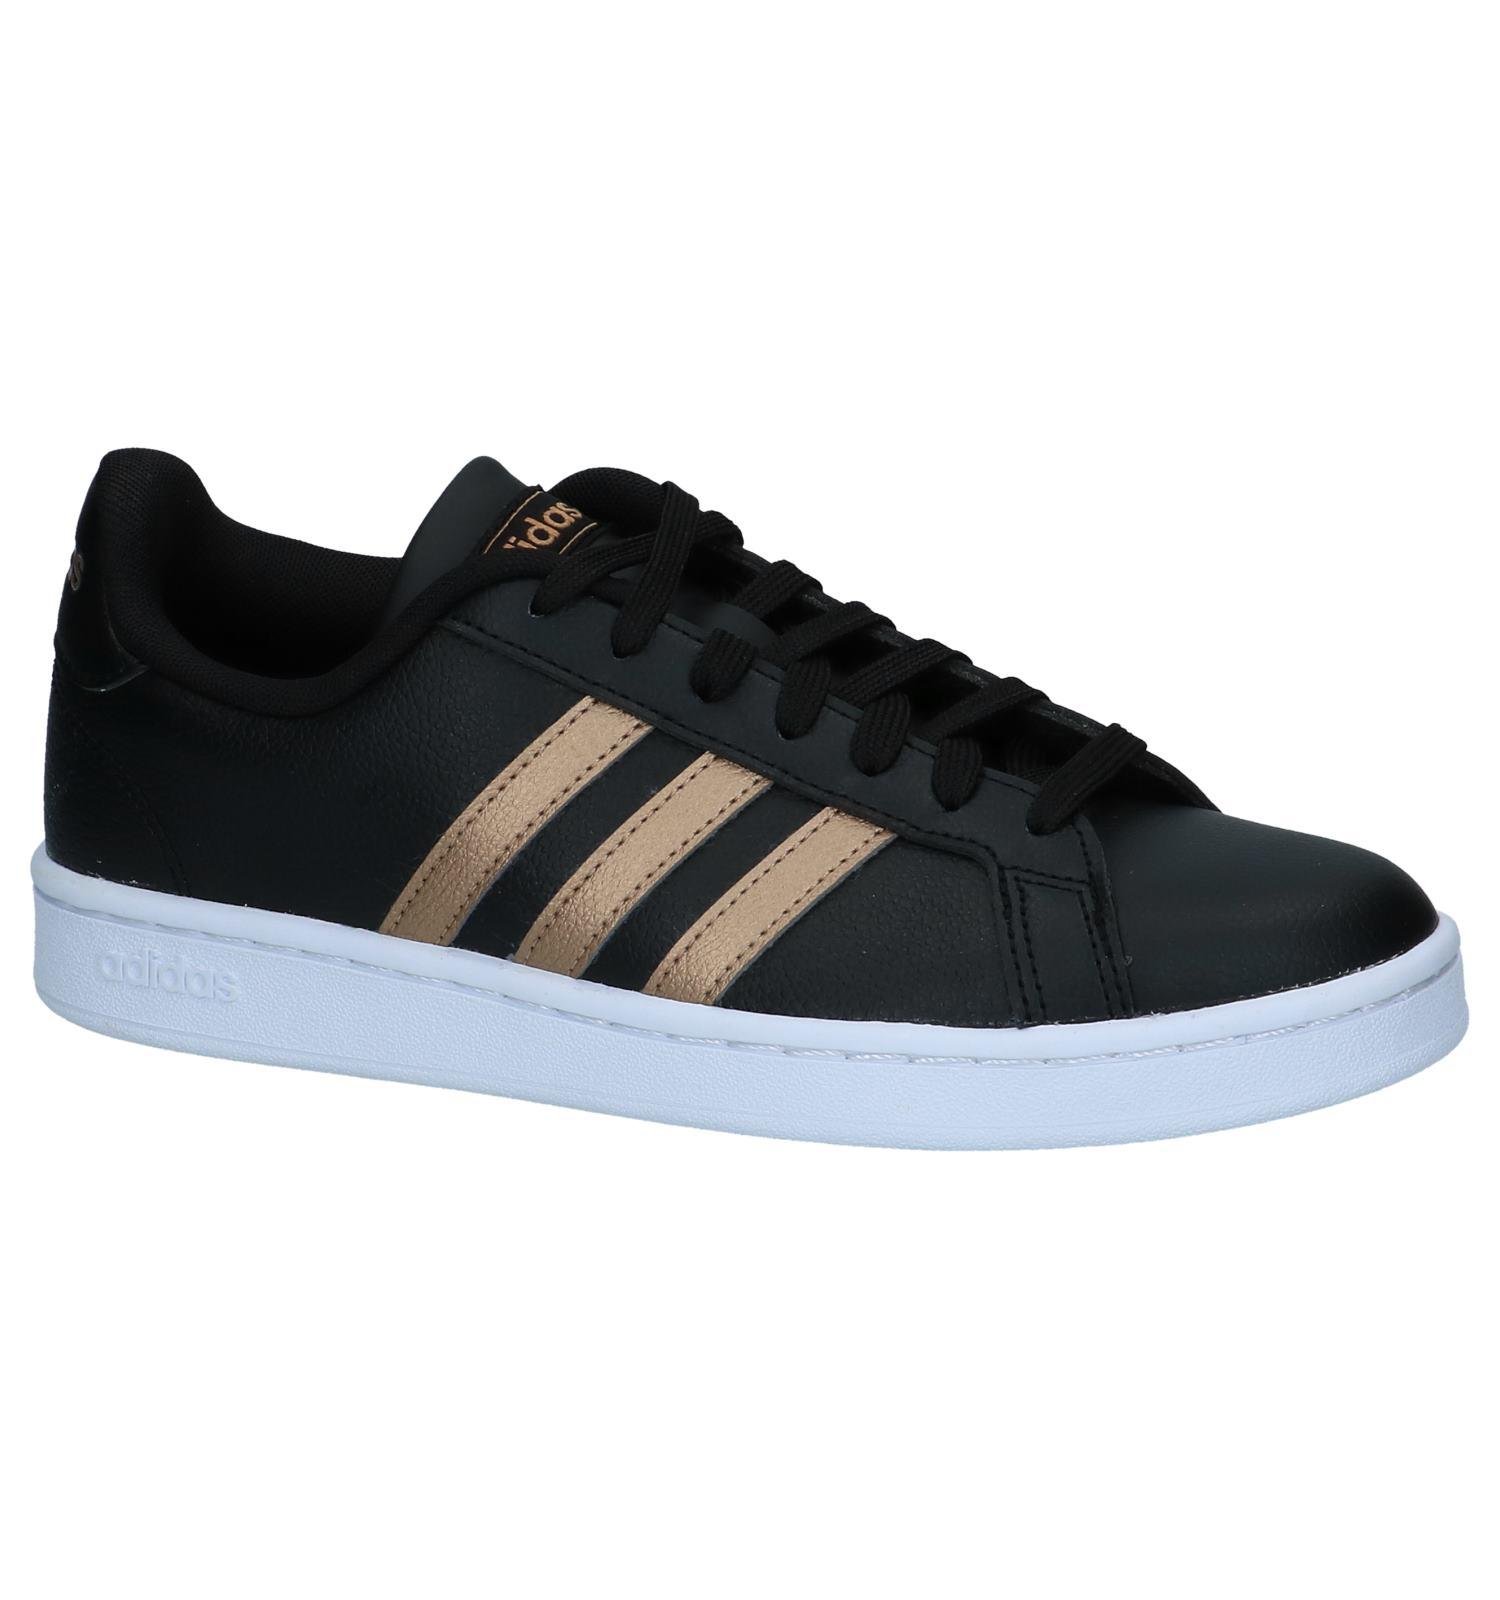 83ce7a24608 Zwarte Sneakers adidas Grand Court | TORFS.BE | Gratis verzend en retour